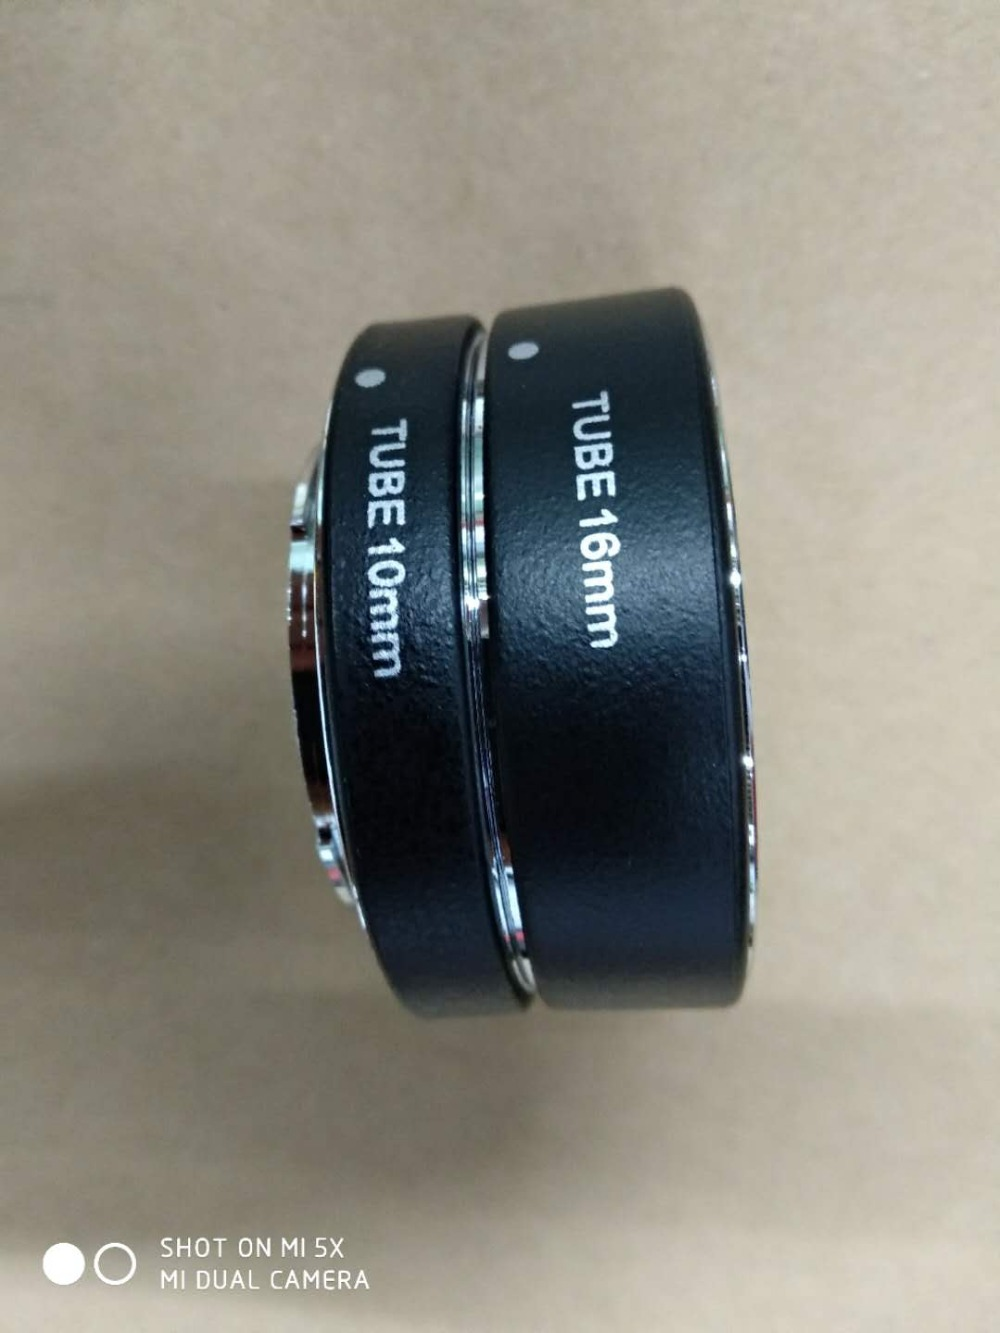 Adaptateur d'objectif micro anneau de gros plan adaptateur d'objectif macro pour Olympus et Panasonic M4/3 auto focus EPL7/GF8